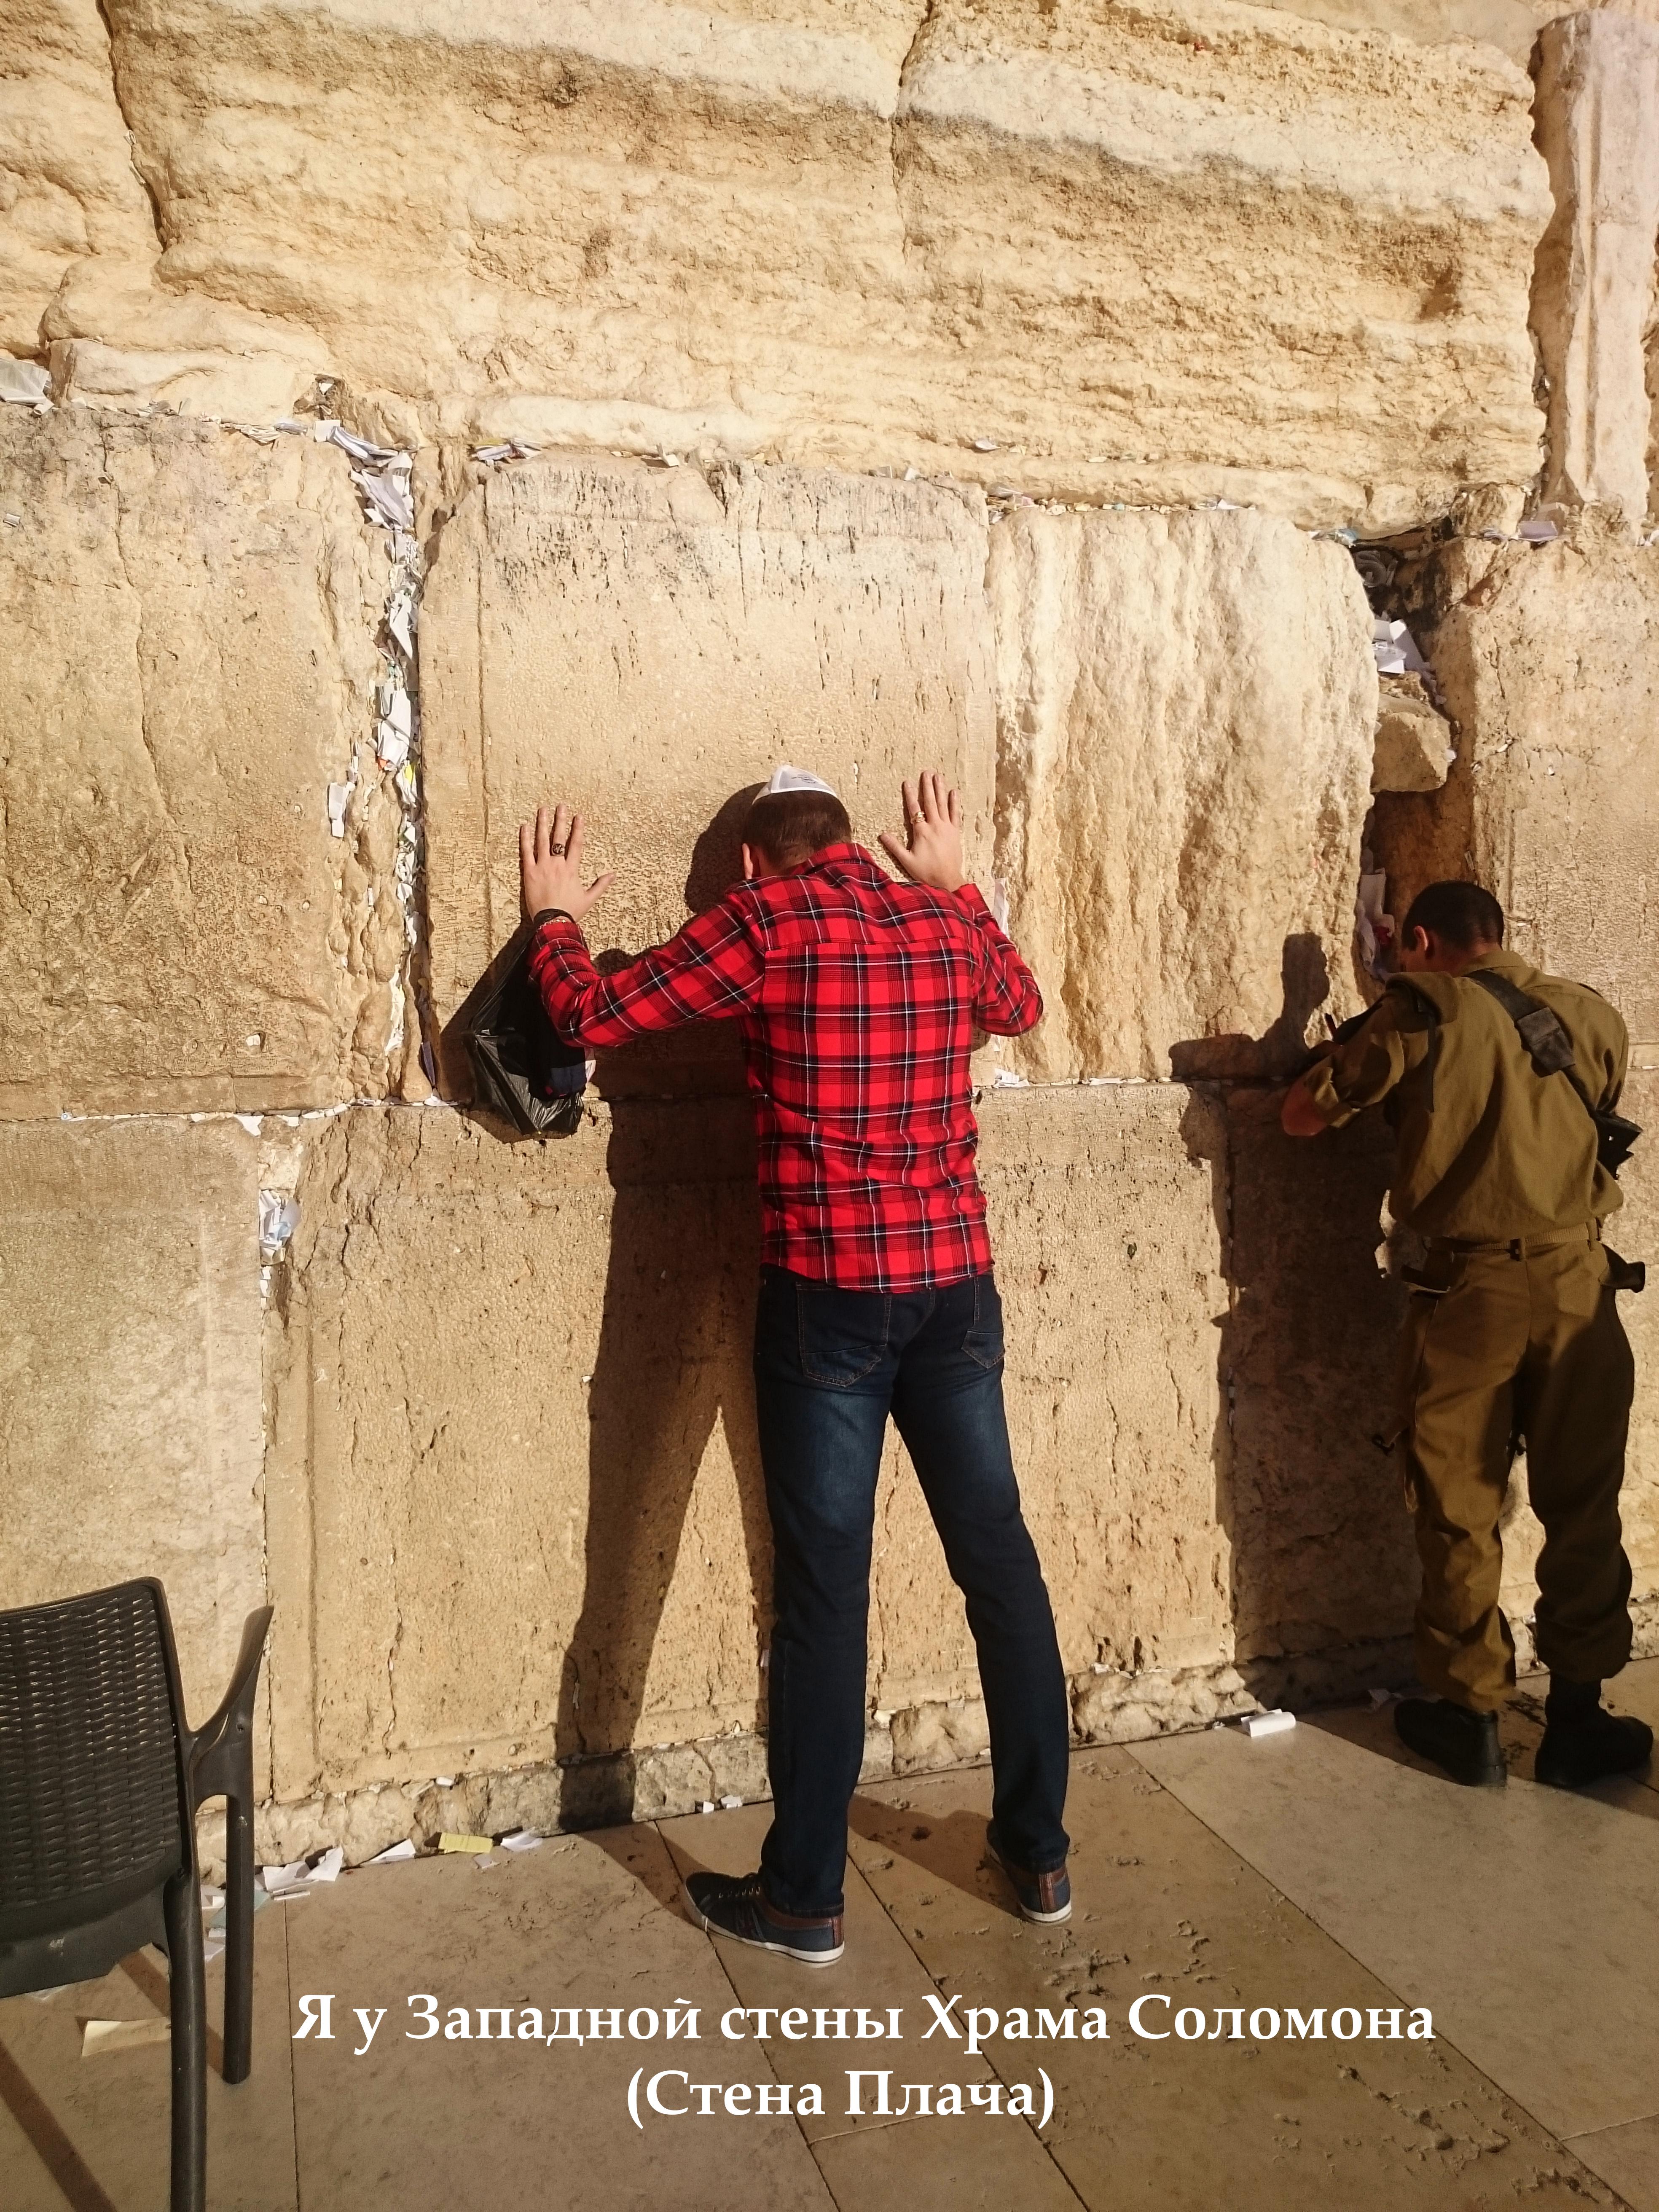 Я у Западной стены плача в Иерусалиме с